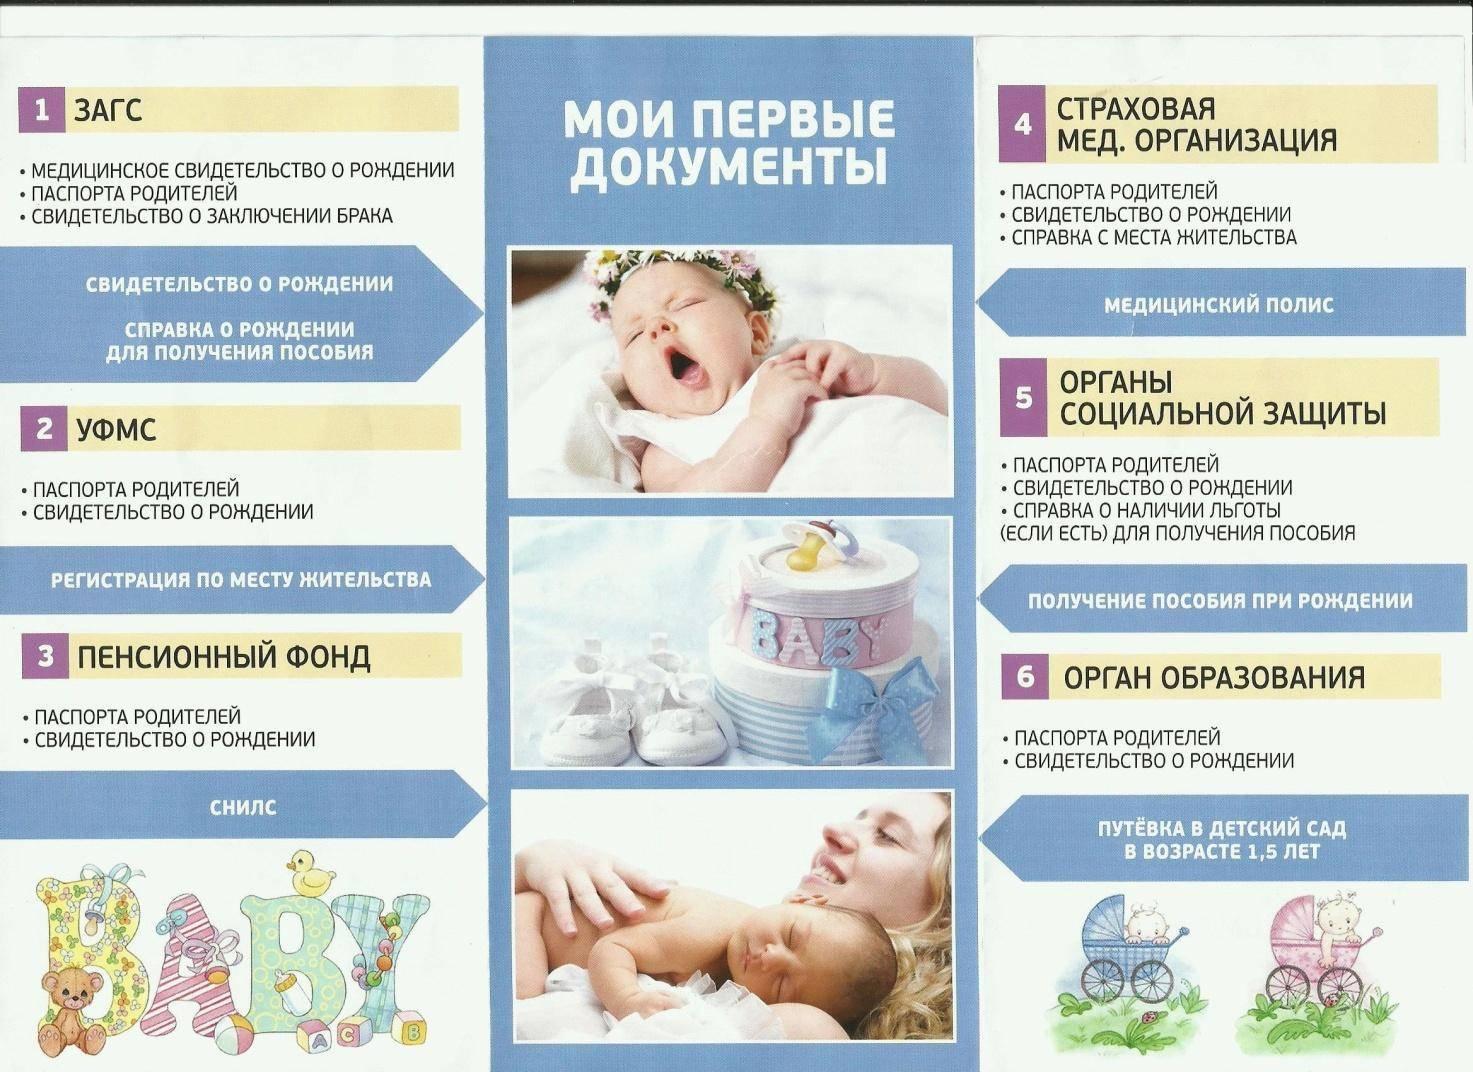 После рождения ребенка какие документы нужно оформлять: документы для оформления малыша после рождения   документы для оформления свидетельства о рождении | метки: пособие, новорожденный